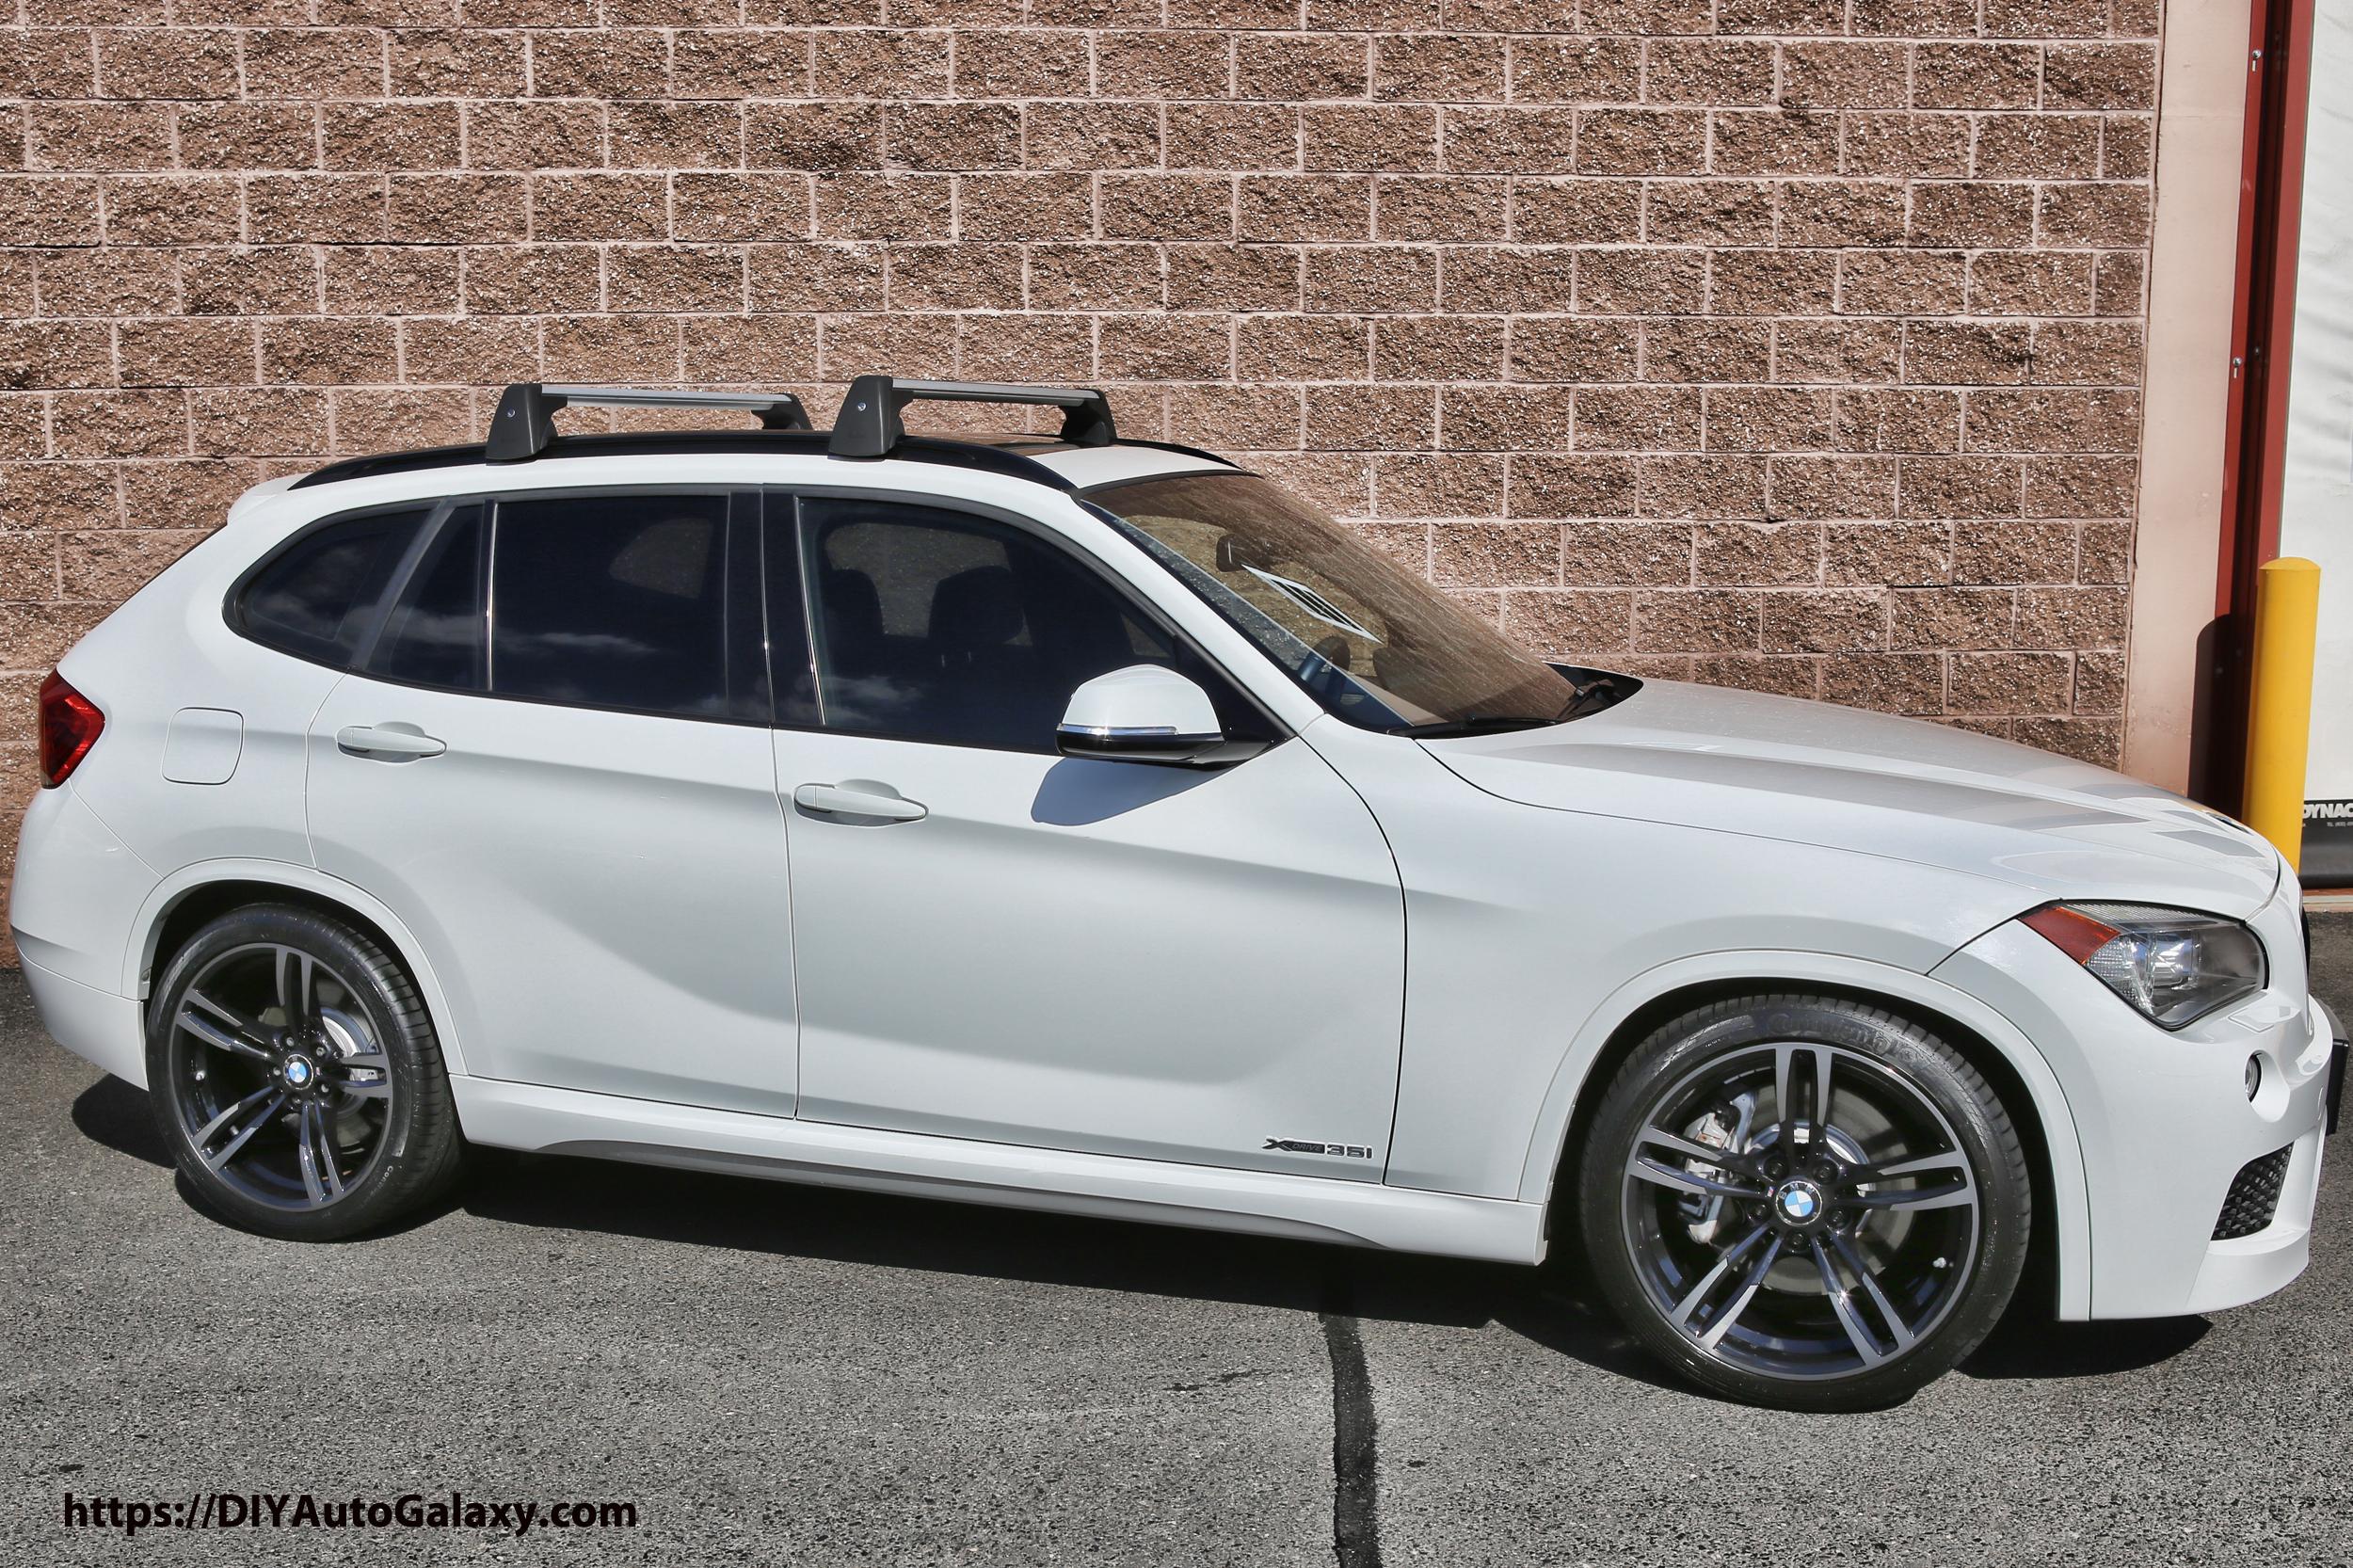 BMW X1 35i E84 Project Sleeper - DIY Auto Galaxy